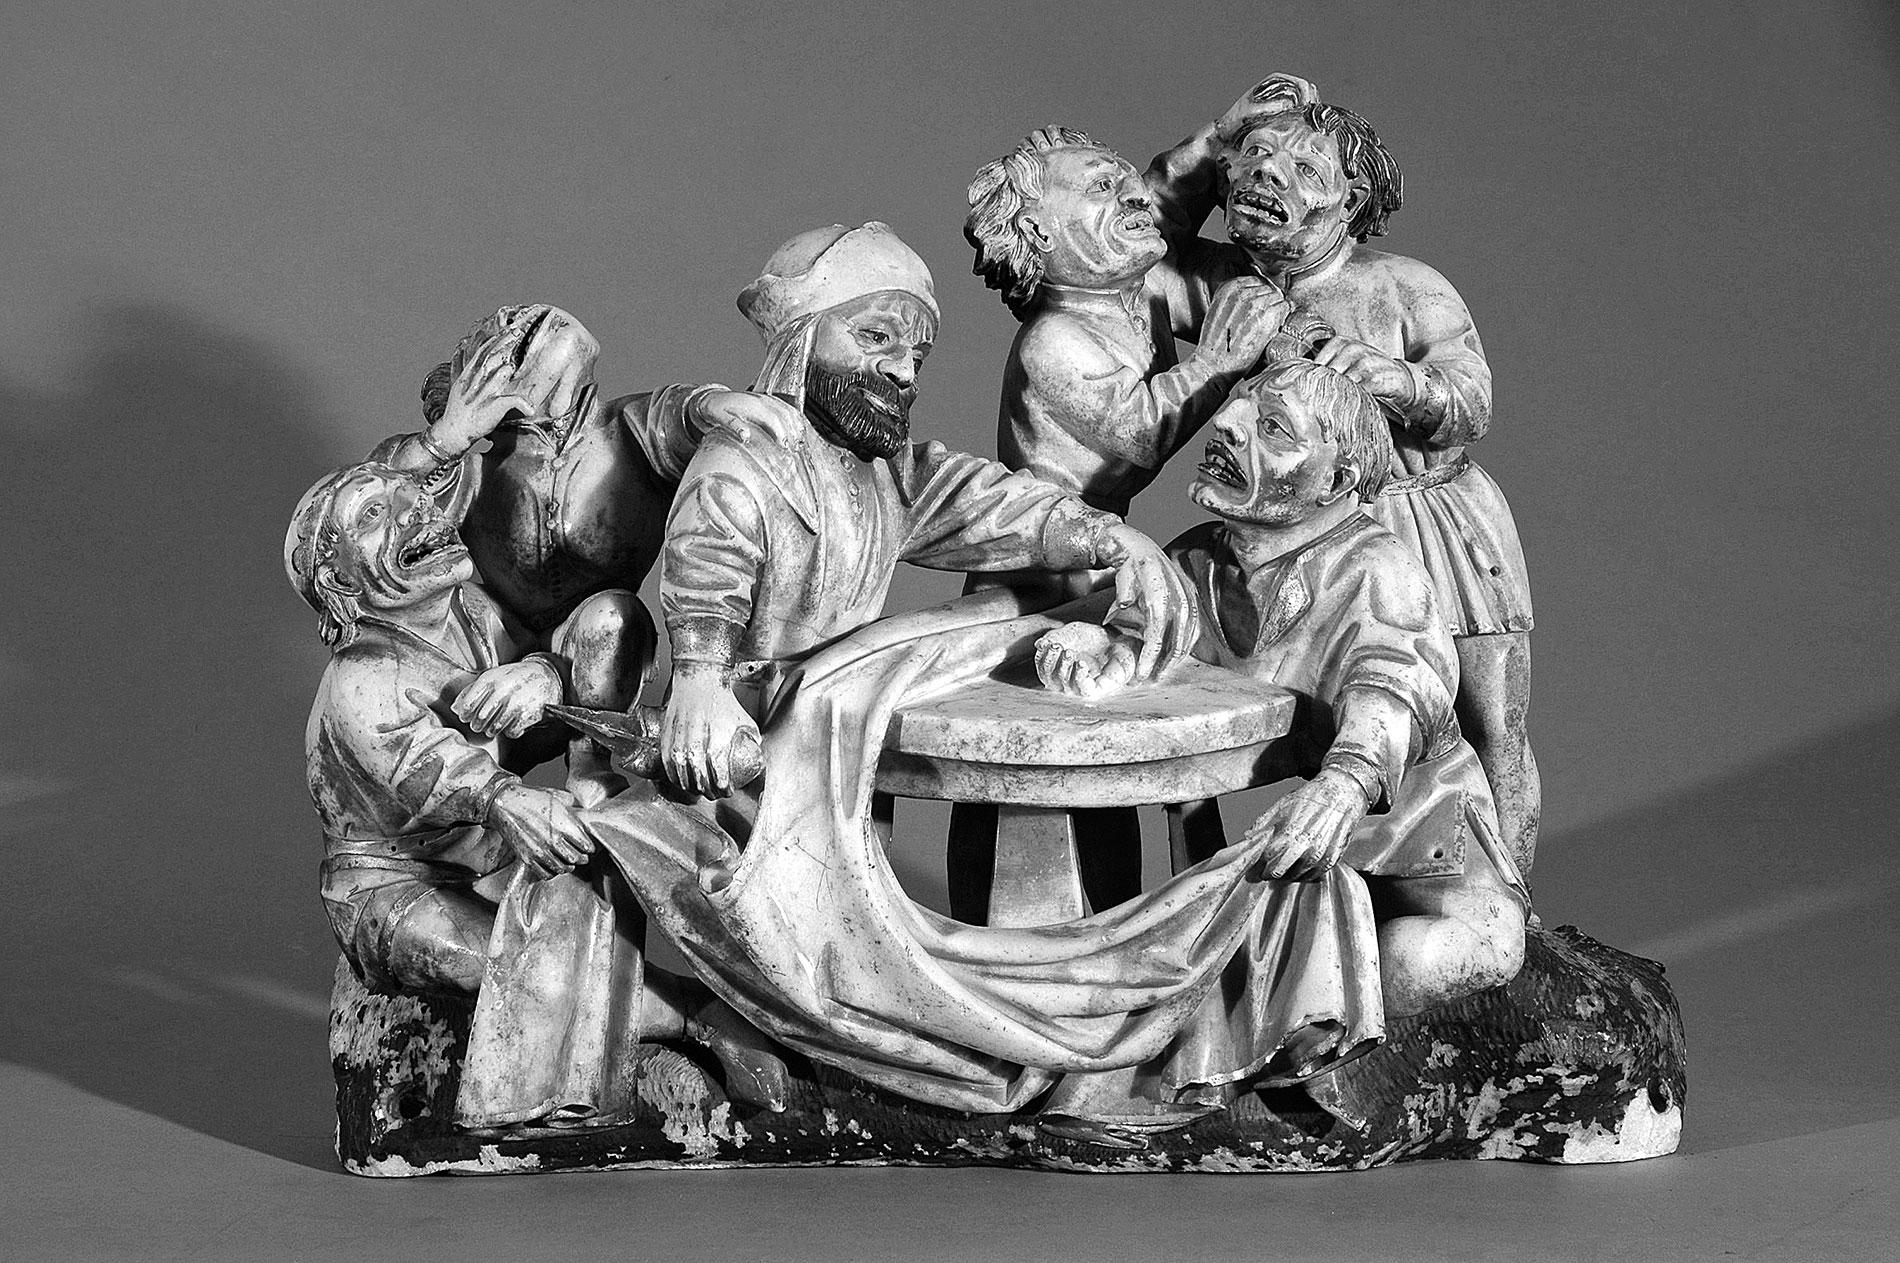 """Zurückgekehrtes Alabasterrelief """"Würfelnde Kriegsknechte"""" aus dem Kalvarienberg des Domschatzes zu Halberstadt, um 1460"""